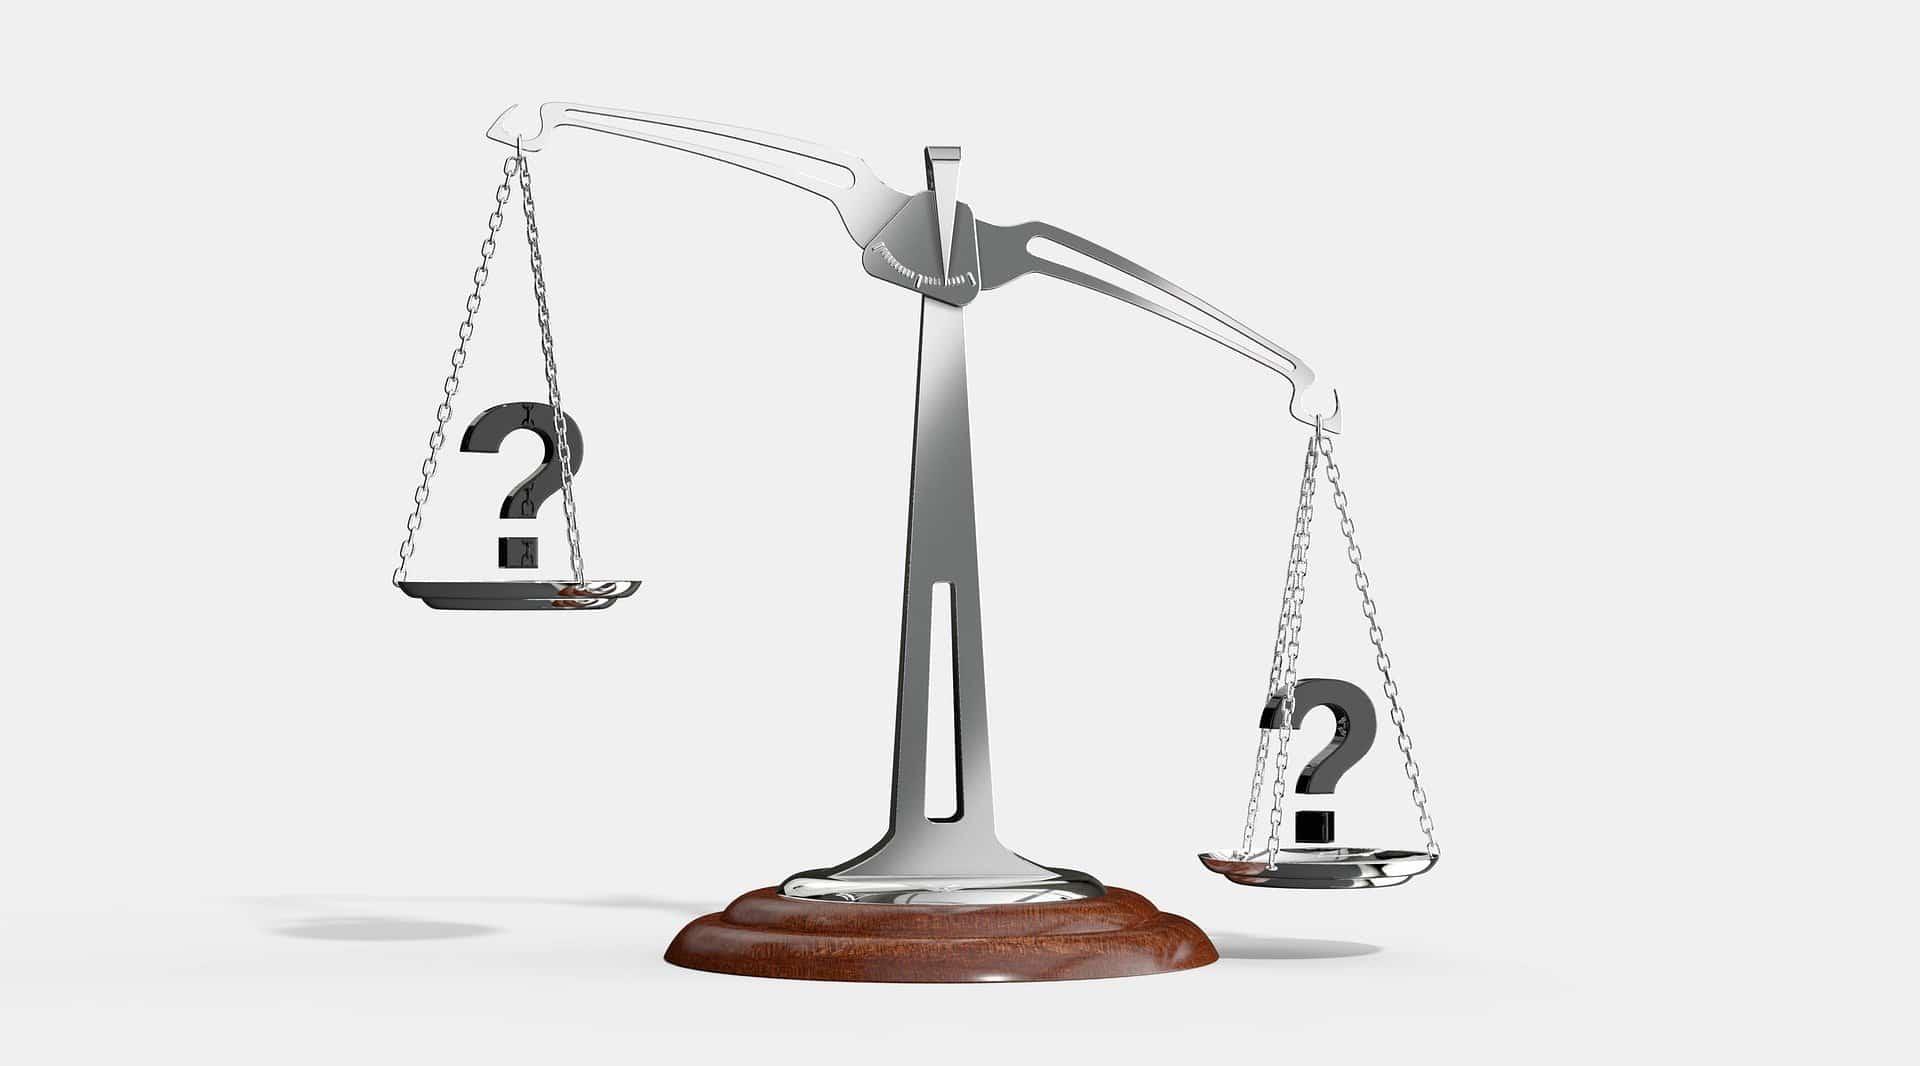 Le rendement locatif minimum pour l'autofinancement d'un investissement locatif ?